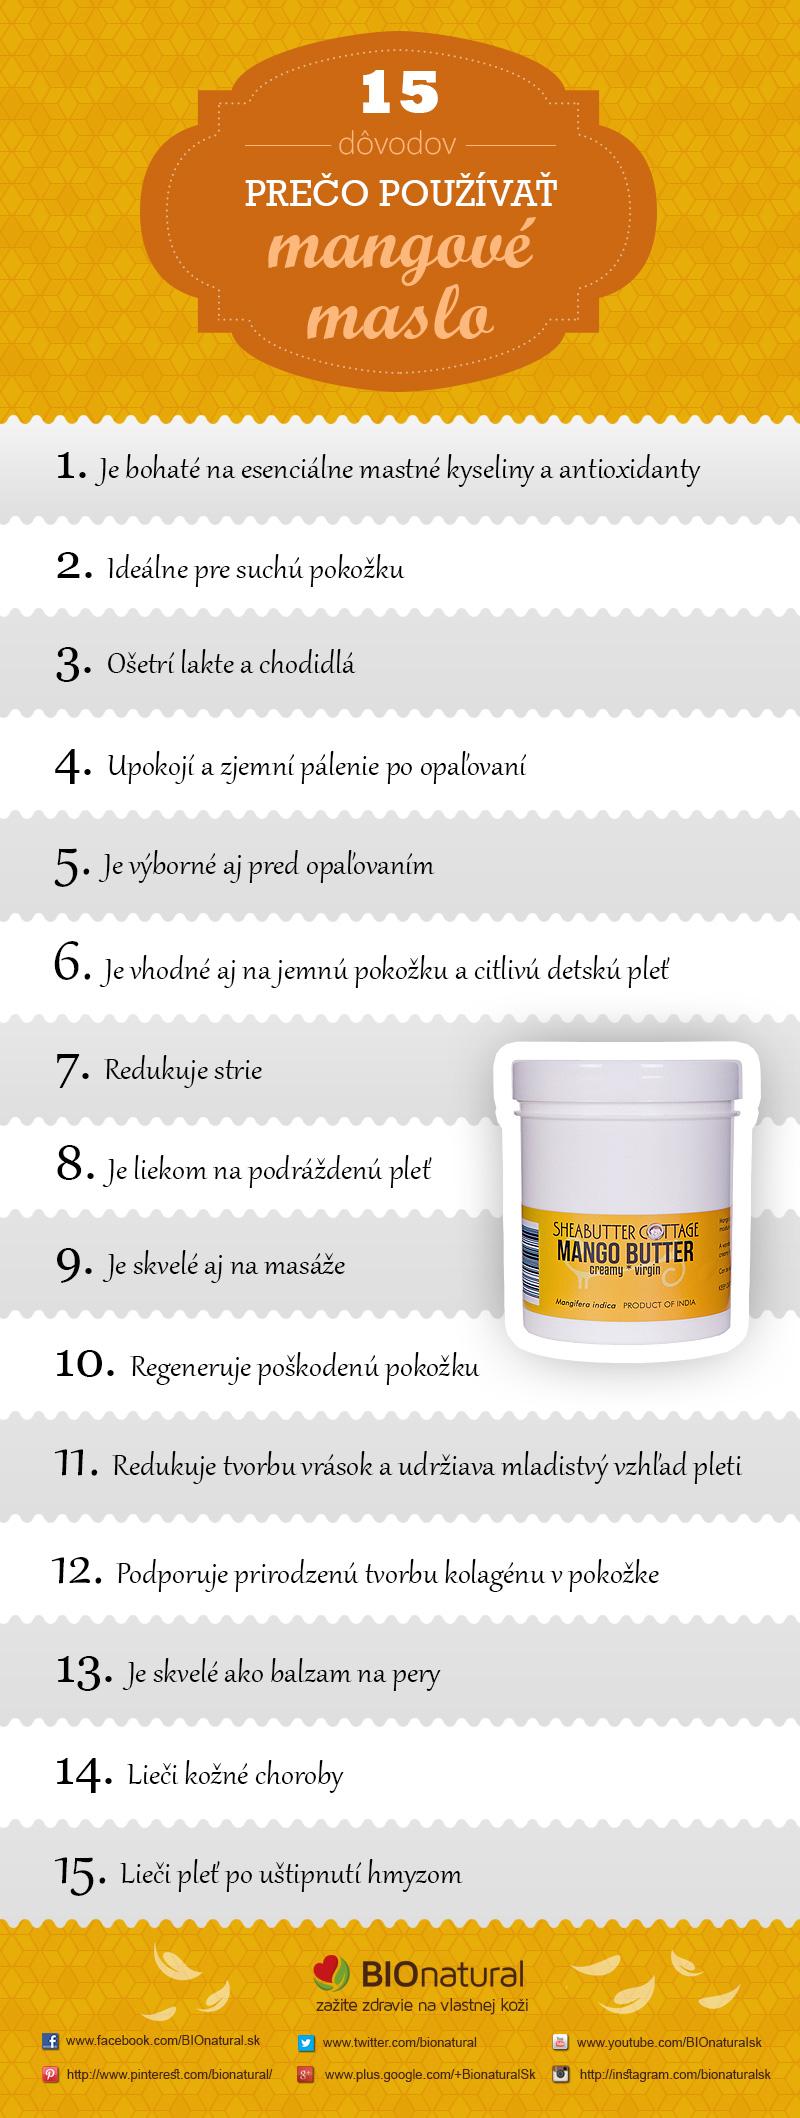 15 dôvodov prečo používať mangové maslo